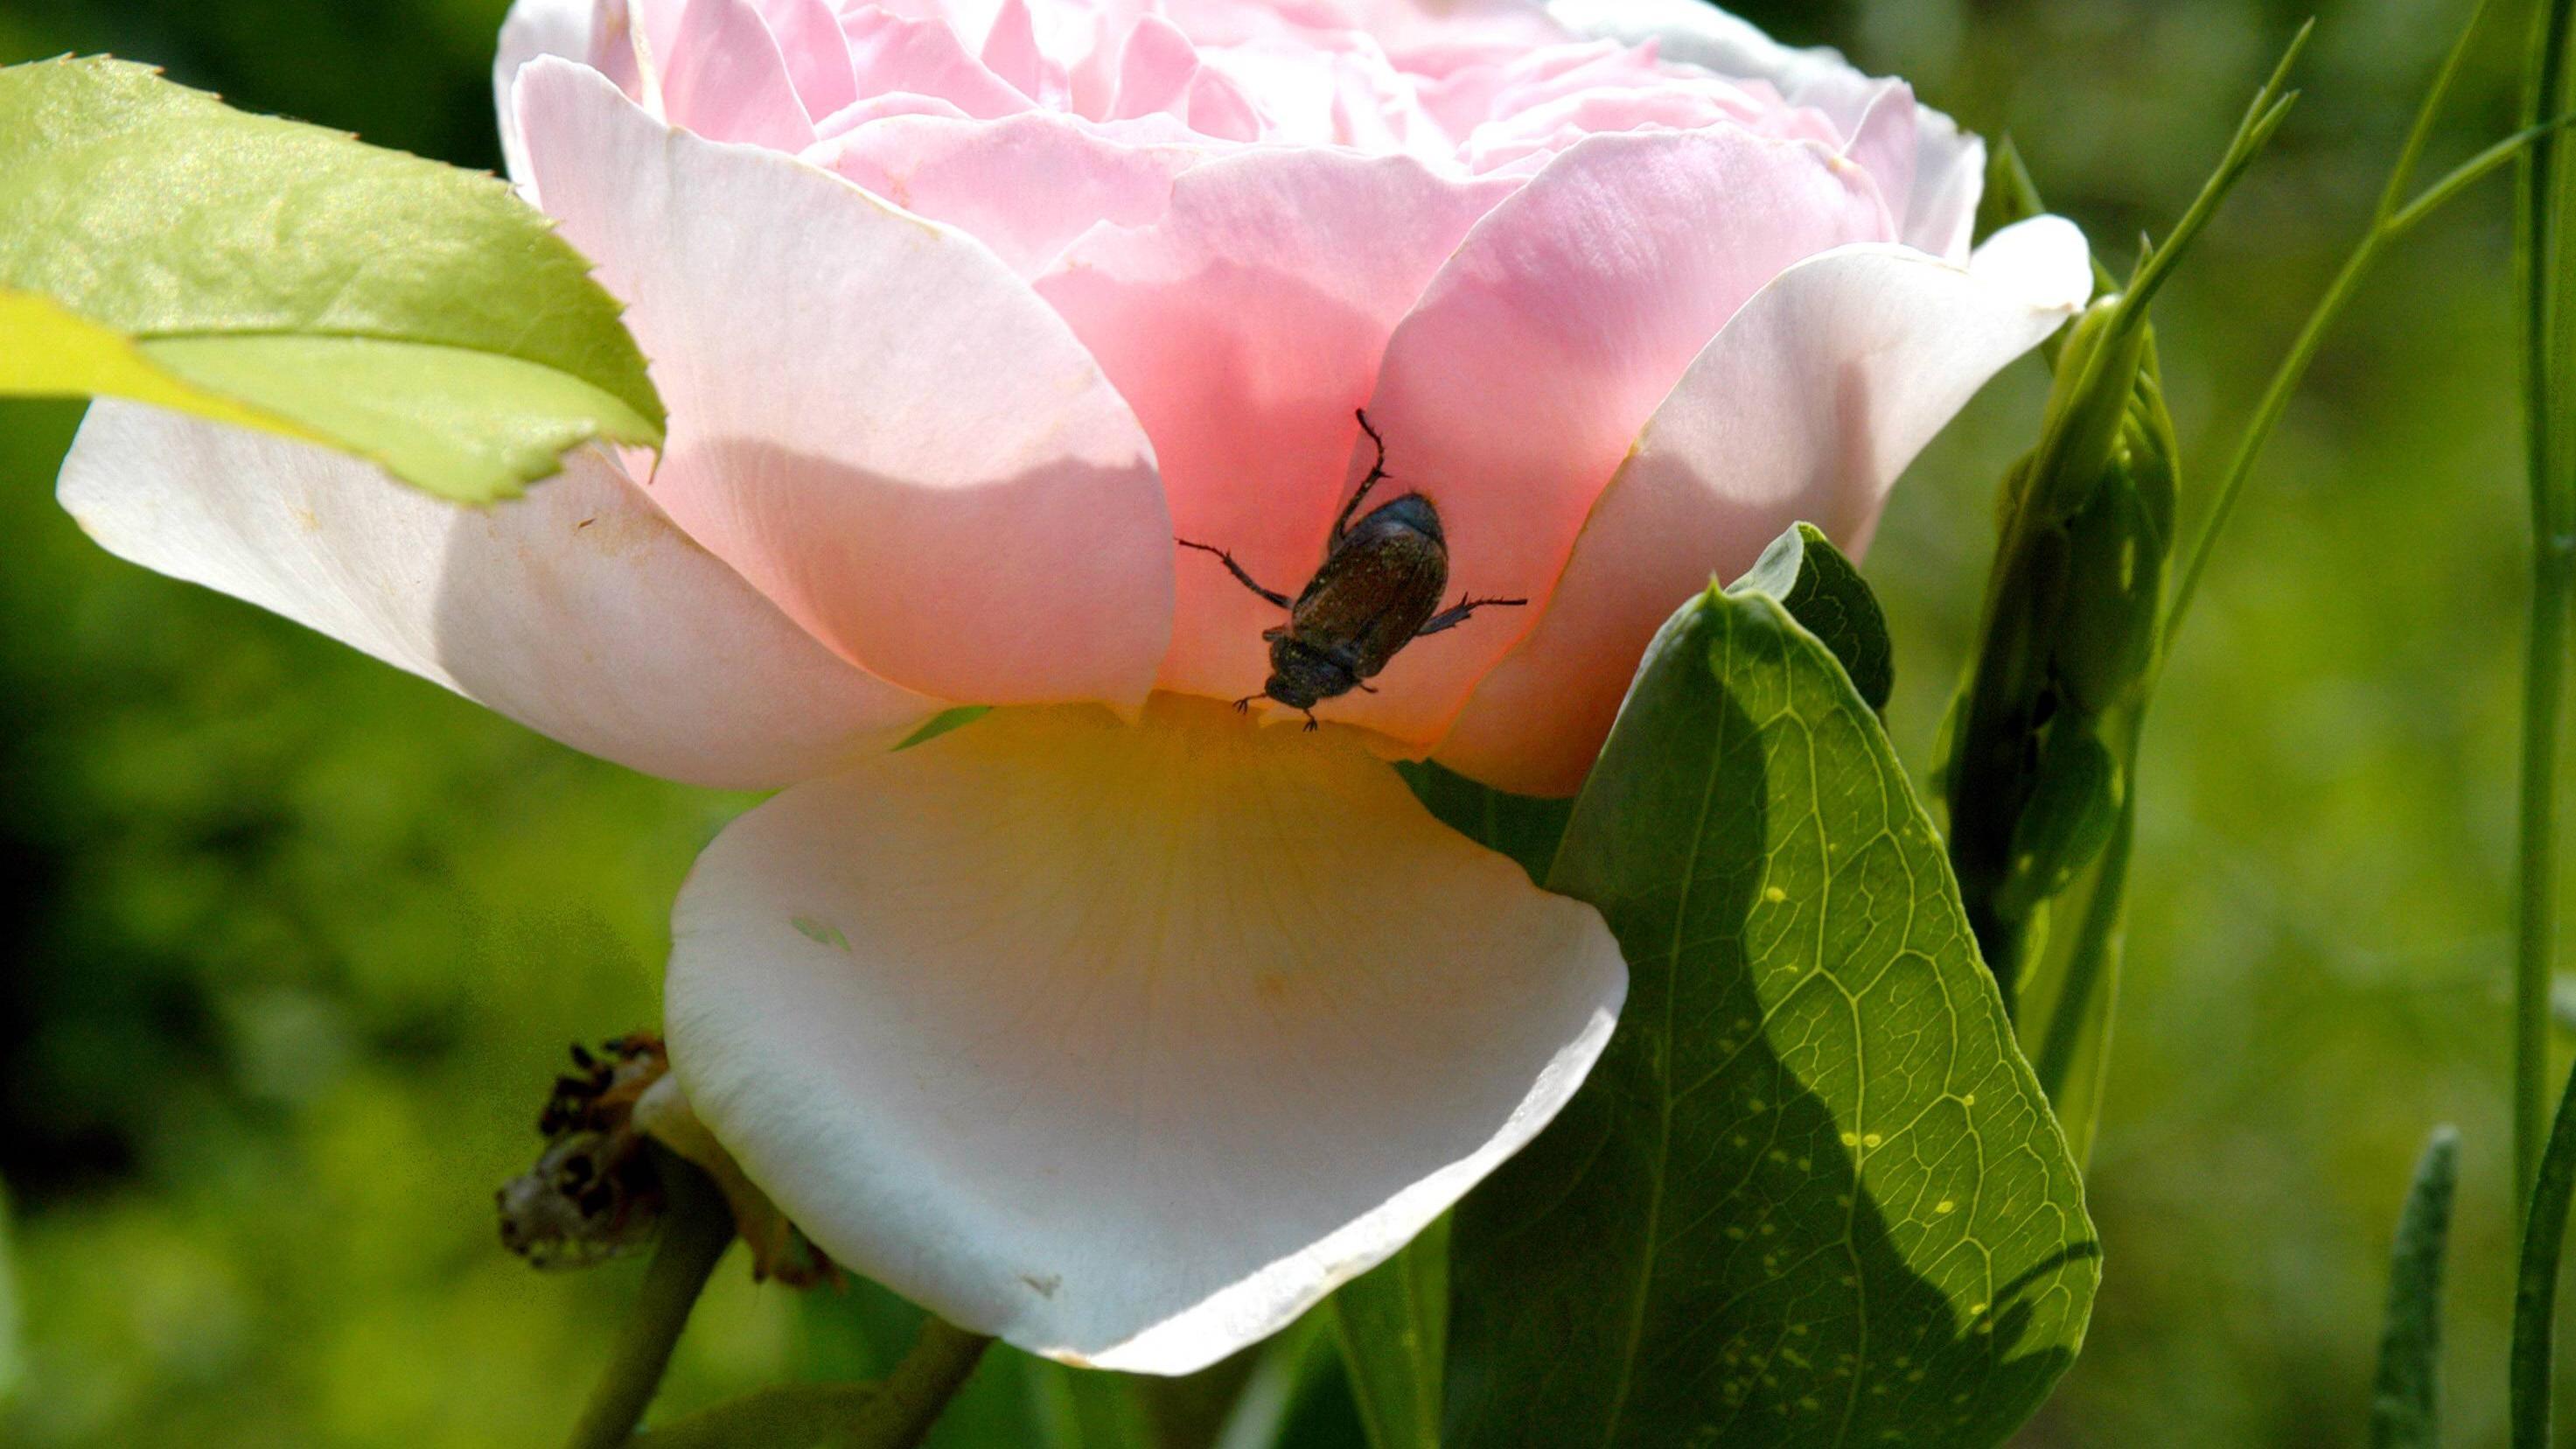 Duftende Gartenpflanzen locken auch Insekten an und bieten ihnen Nahrung.